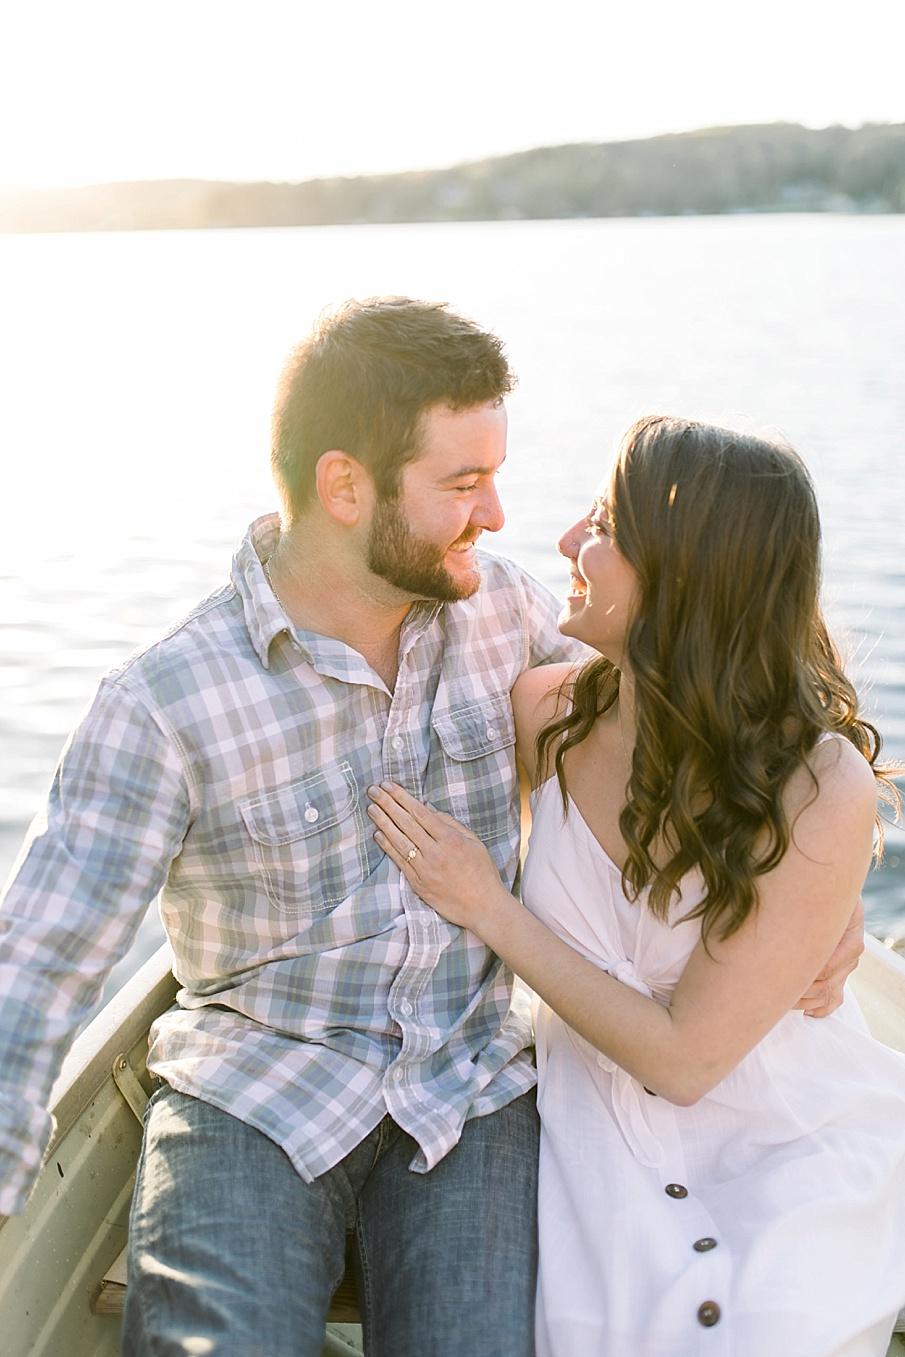 senecaryanco-syracuseweddingphotographer-syracuse-centralnewyork-skaneateles-brackney-quakerlake-binghamton-wedding-lake-engagementphotos_0045.jpg